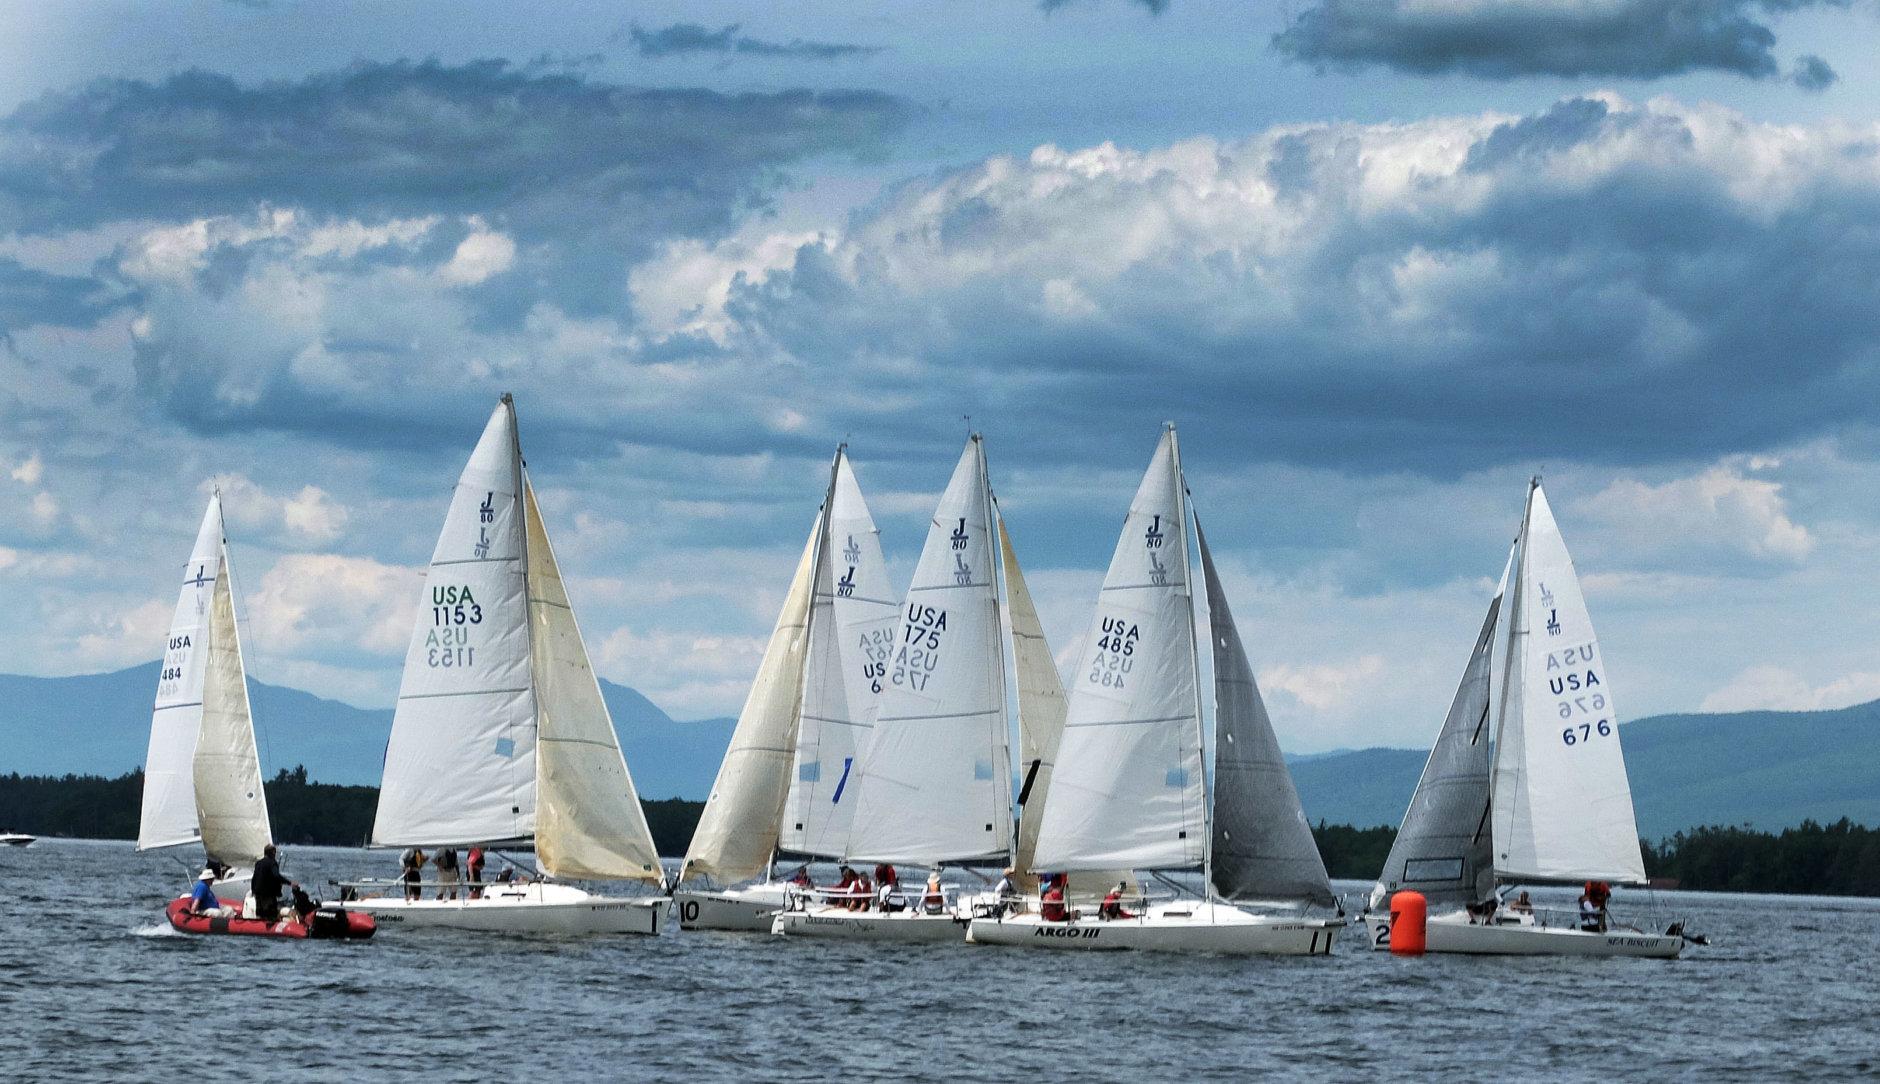 Sailboats participate in a regatta on Lake Winnipesaukee, Saturday, June 4, 2016, in Gilford, N.H. (AP Photo/Jim Cole)